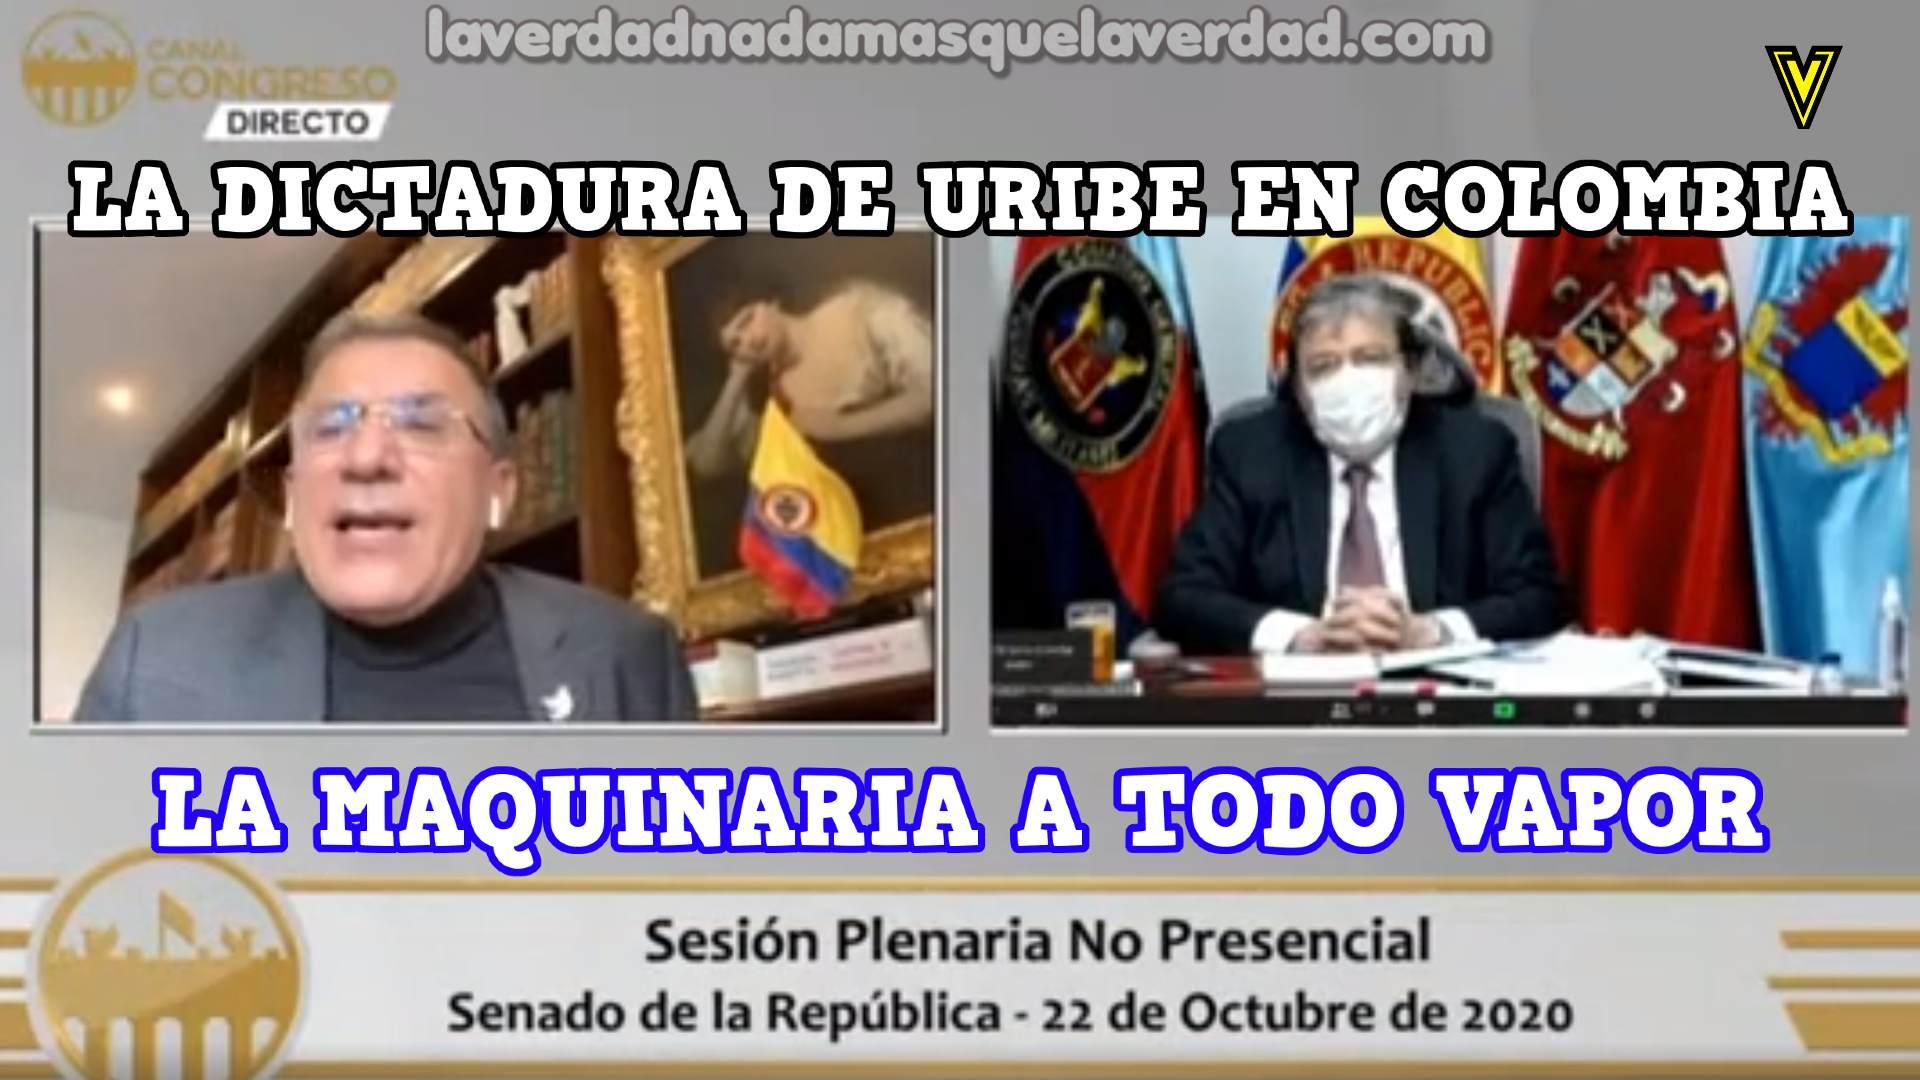 ROY BARRERAS MOCION DE CENSURA HOLMES TRUJILLO MINISTRO DE DEFENSA AAA